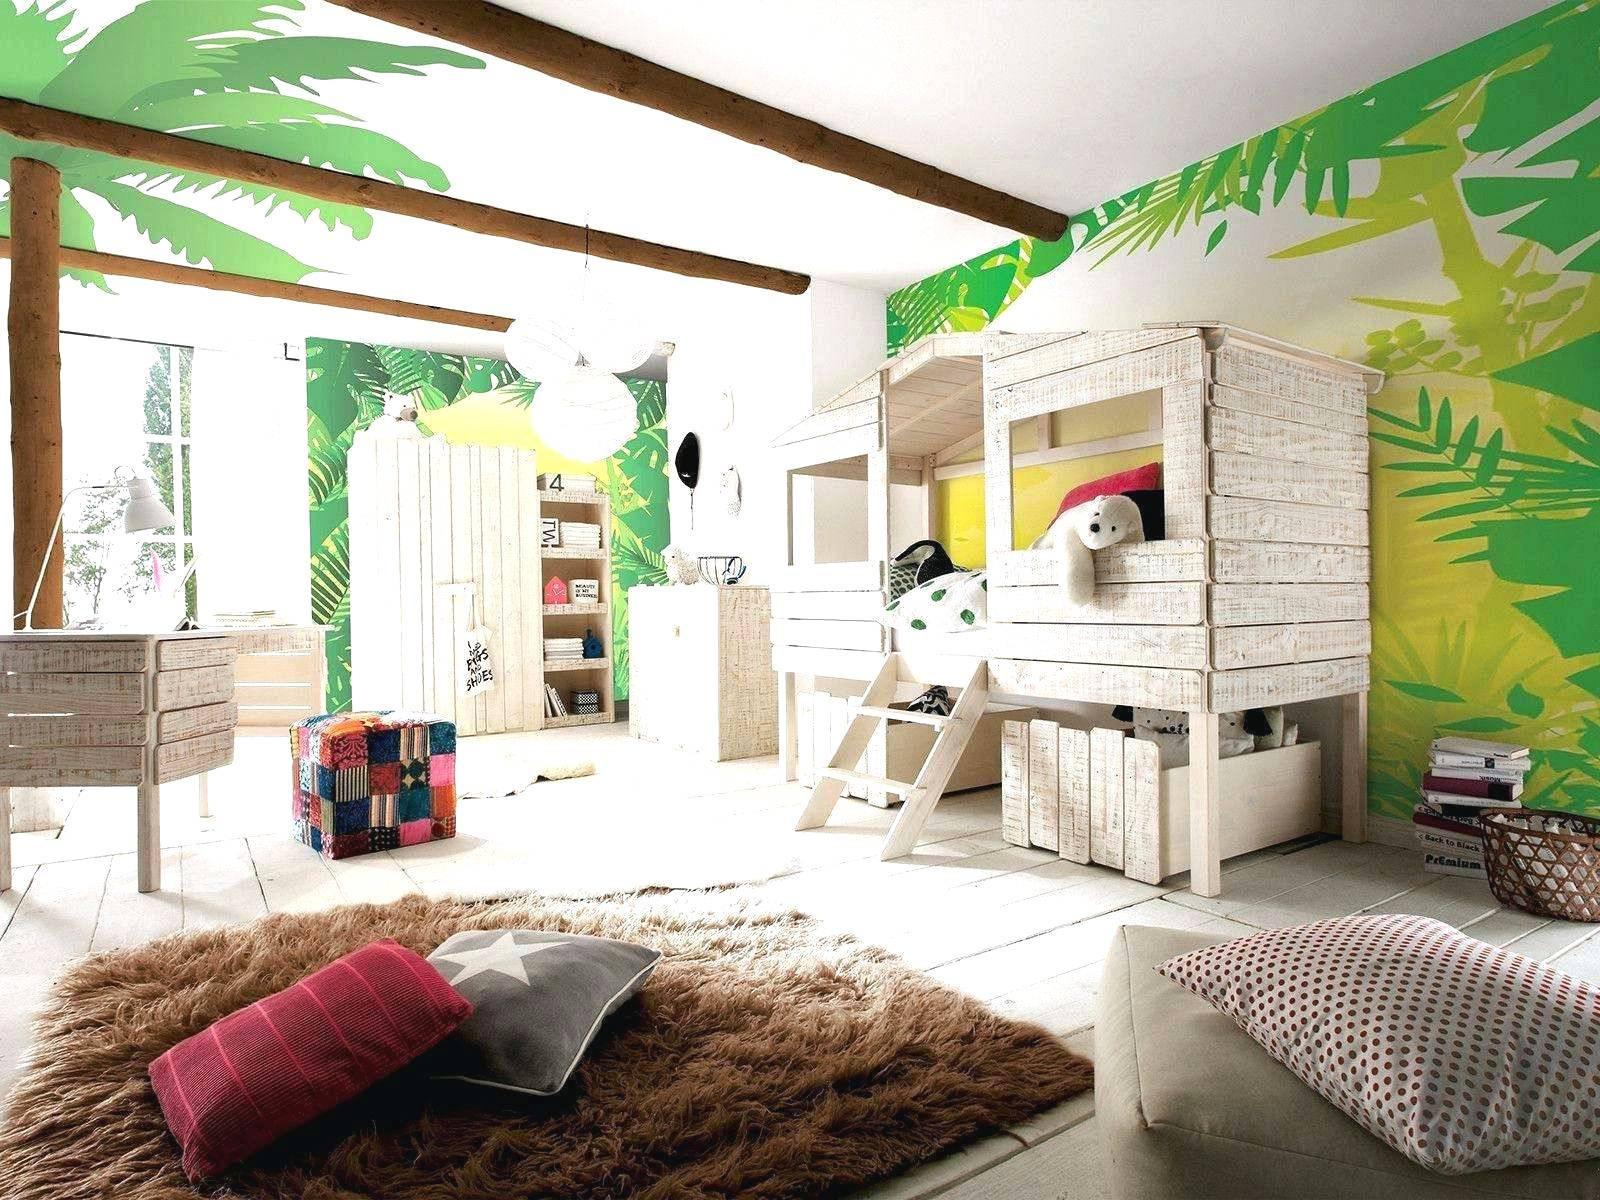 Ausmalbilder Mädchen Einzigartig Kleines Kinderzimmer Mädchen Genial Kinderzimmer Madchen Ideen Bild